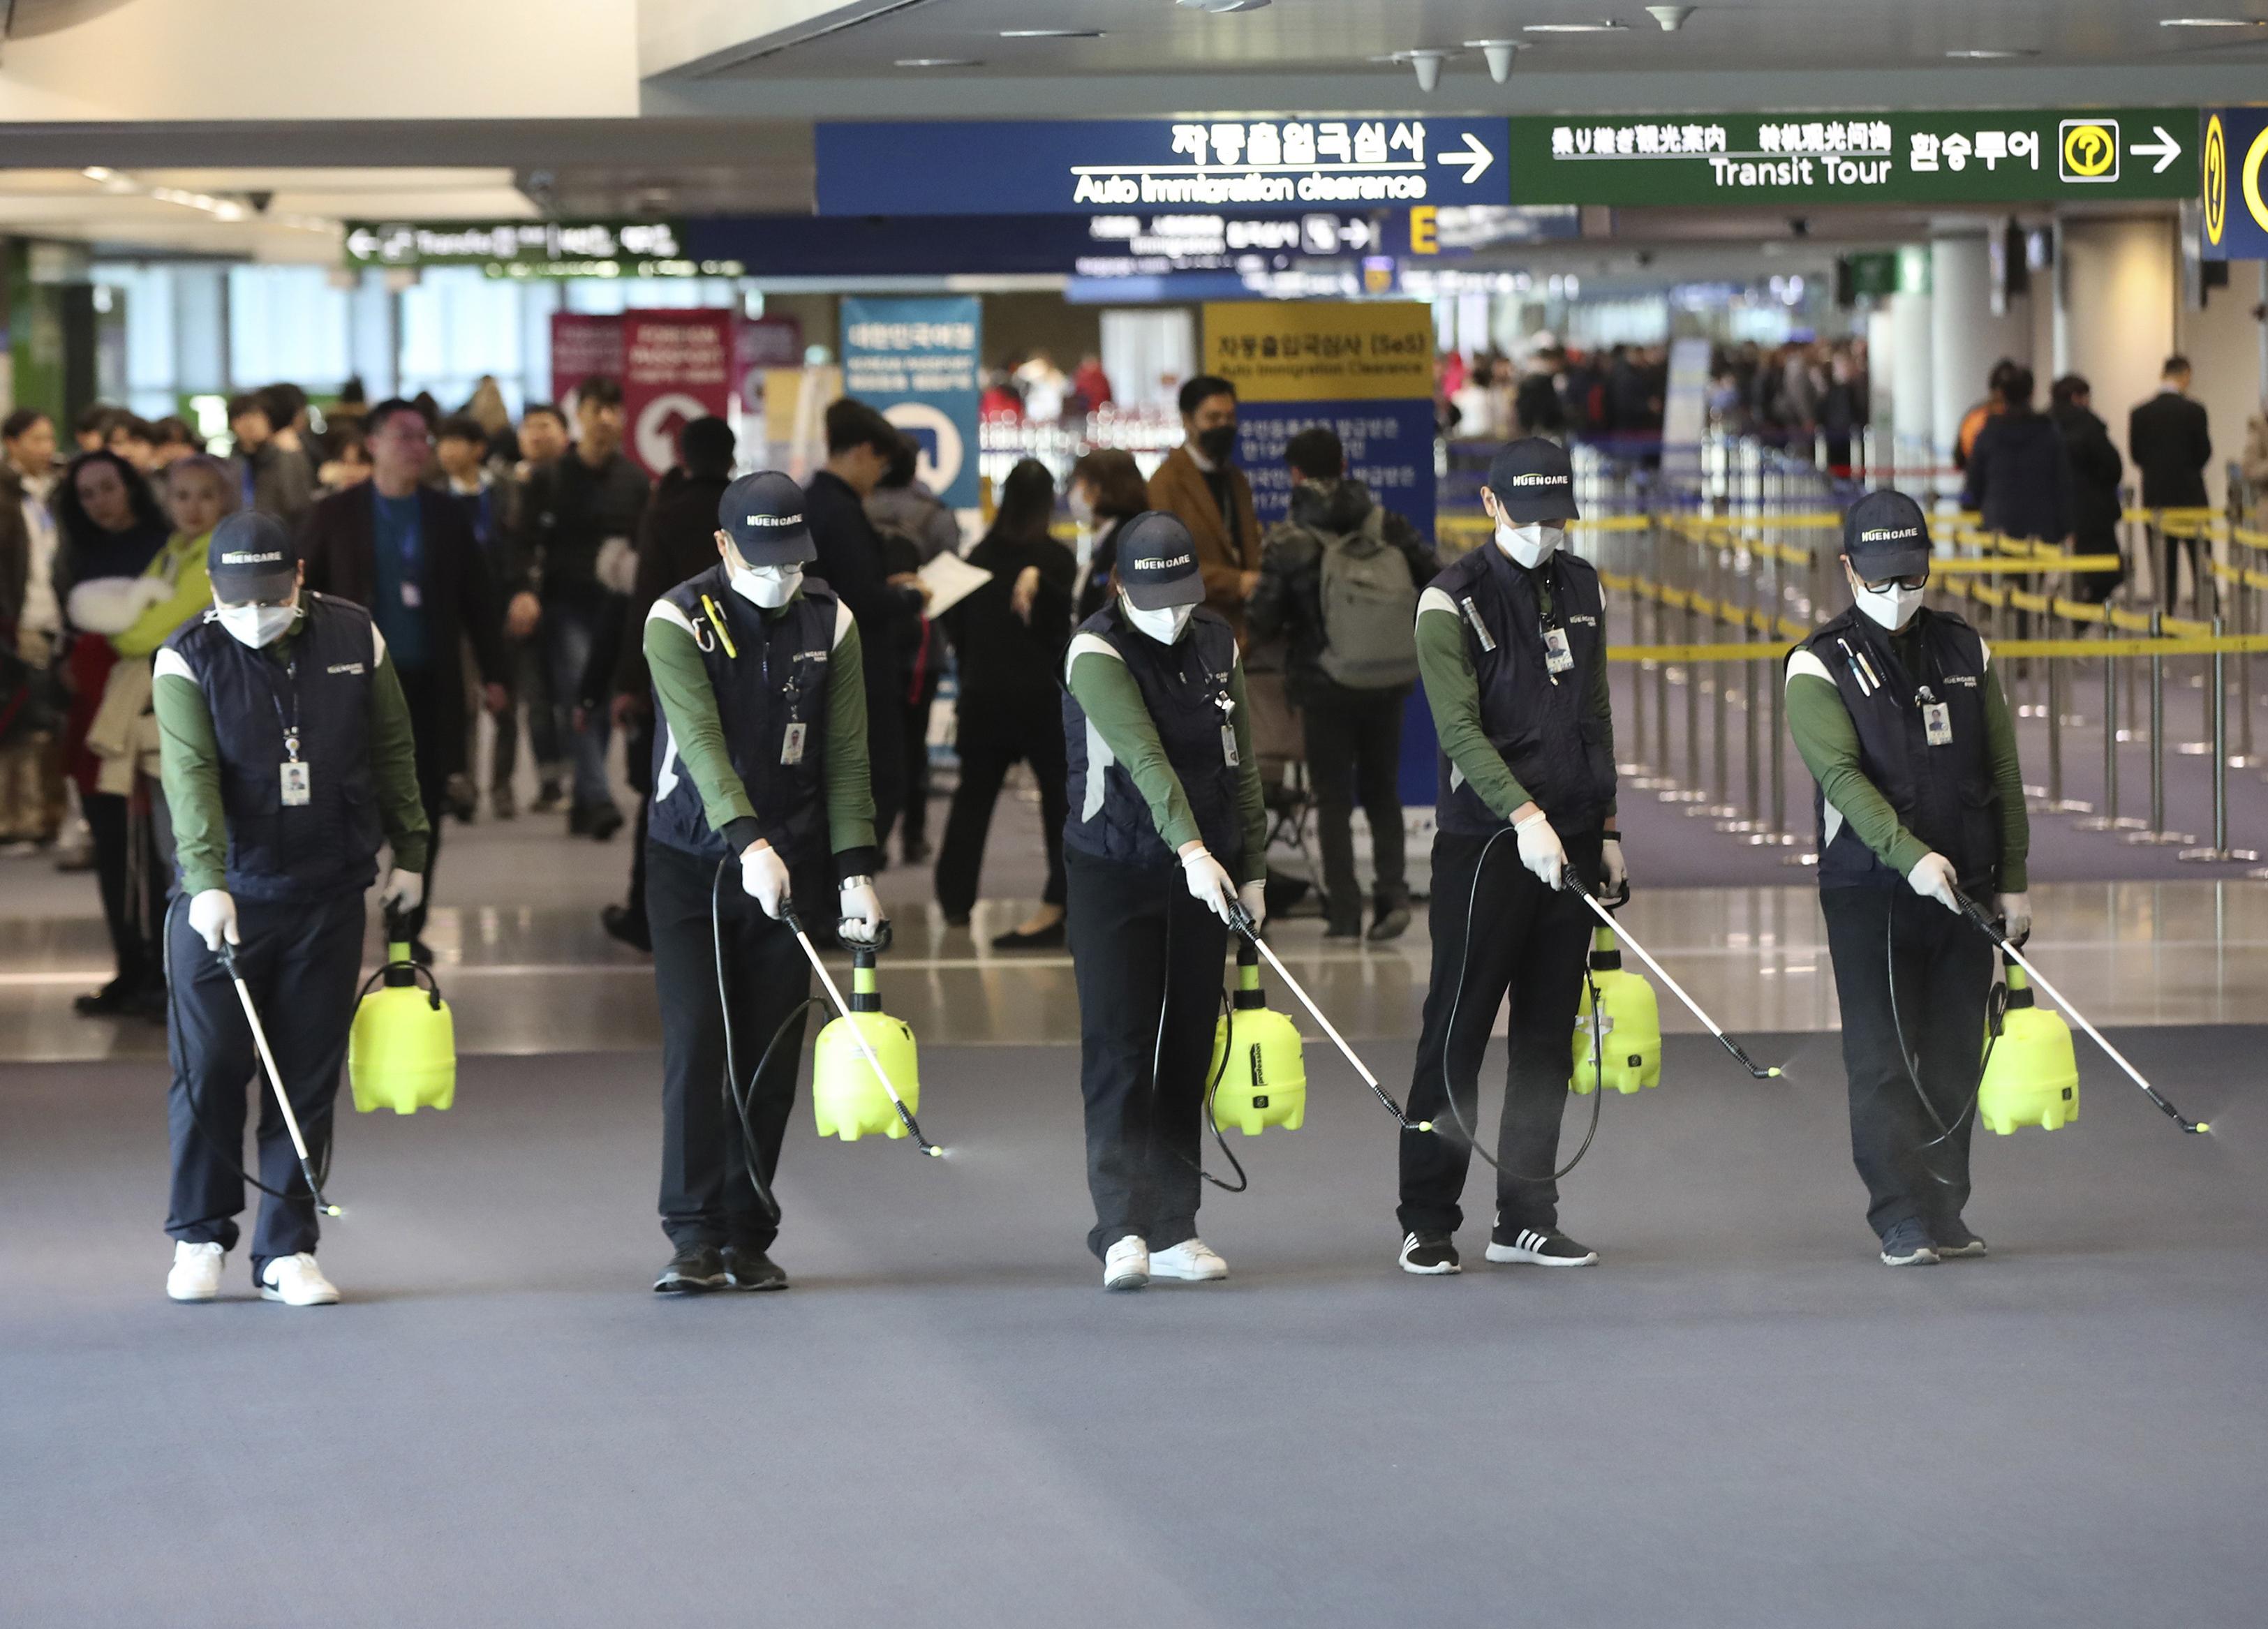 Los trabajadores rocían una solución antiséptica en el vestíbulo de llegadas en medio de las crecientes preocupaciones del público sobre la posible propagación de un nuevo coronavirus en el Aeropuerto Internacional de Incheon en Incheon, Corea del Sur, el martes 21 de enero de 2020. Se tomaron mayores precauciones en China y en otros lugares el martes como gobiernos se esforzó por controlar el brote de un nuevo coronavirus que amenaza con crecer durante el viaje del Año Nuevo Lunar. (Suh Myung-geon / Yonhap vía AP)